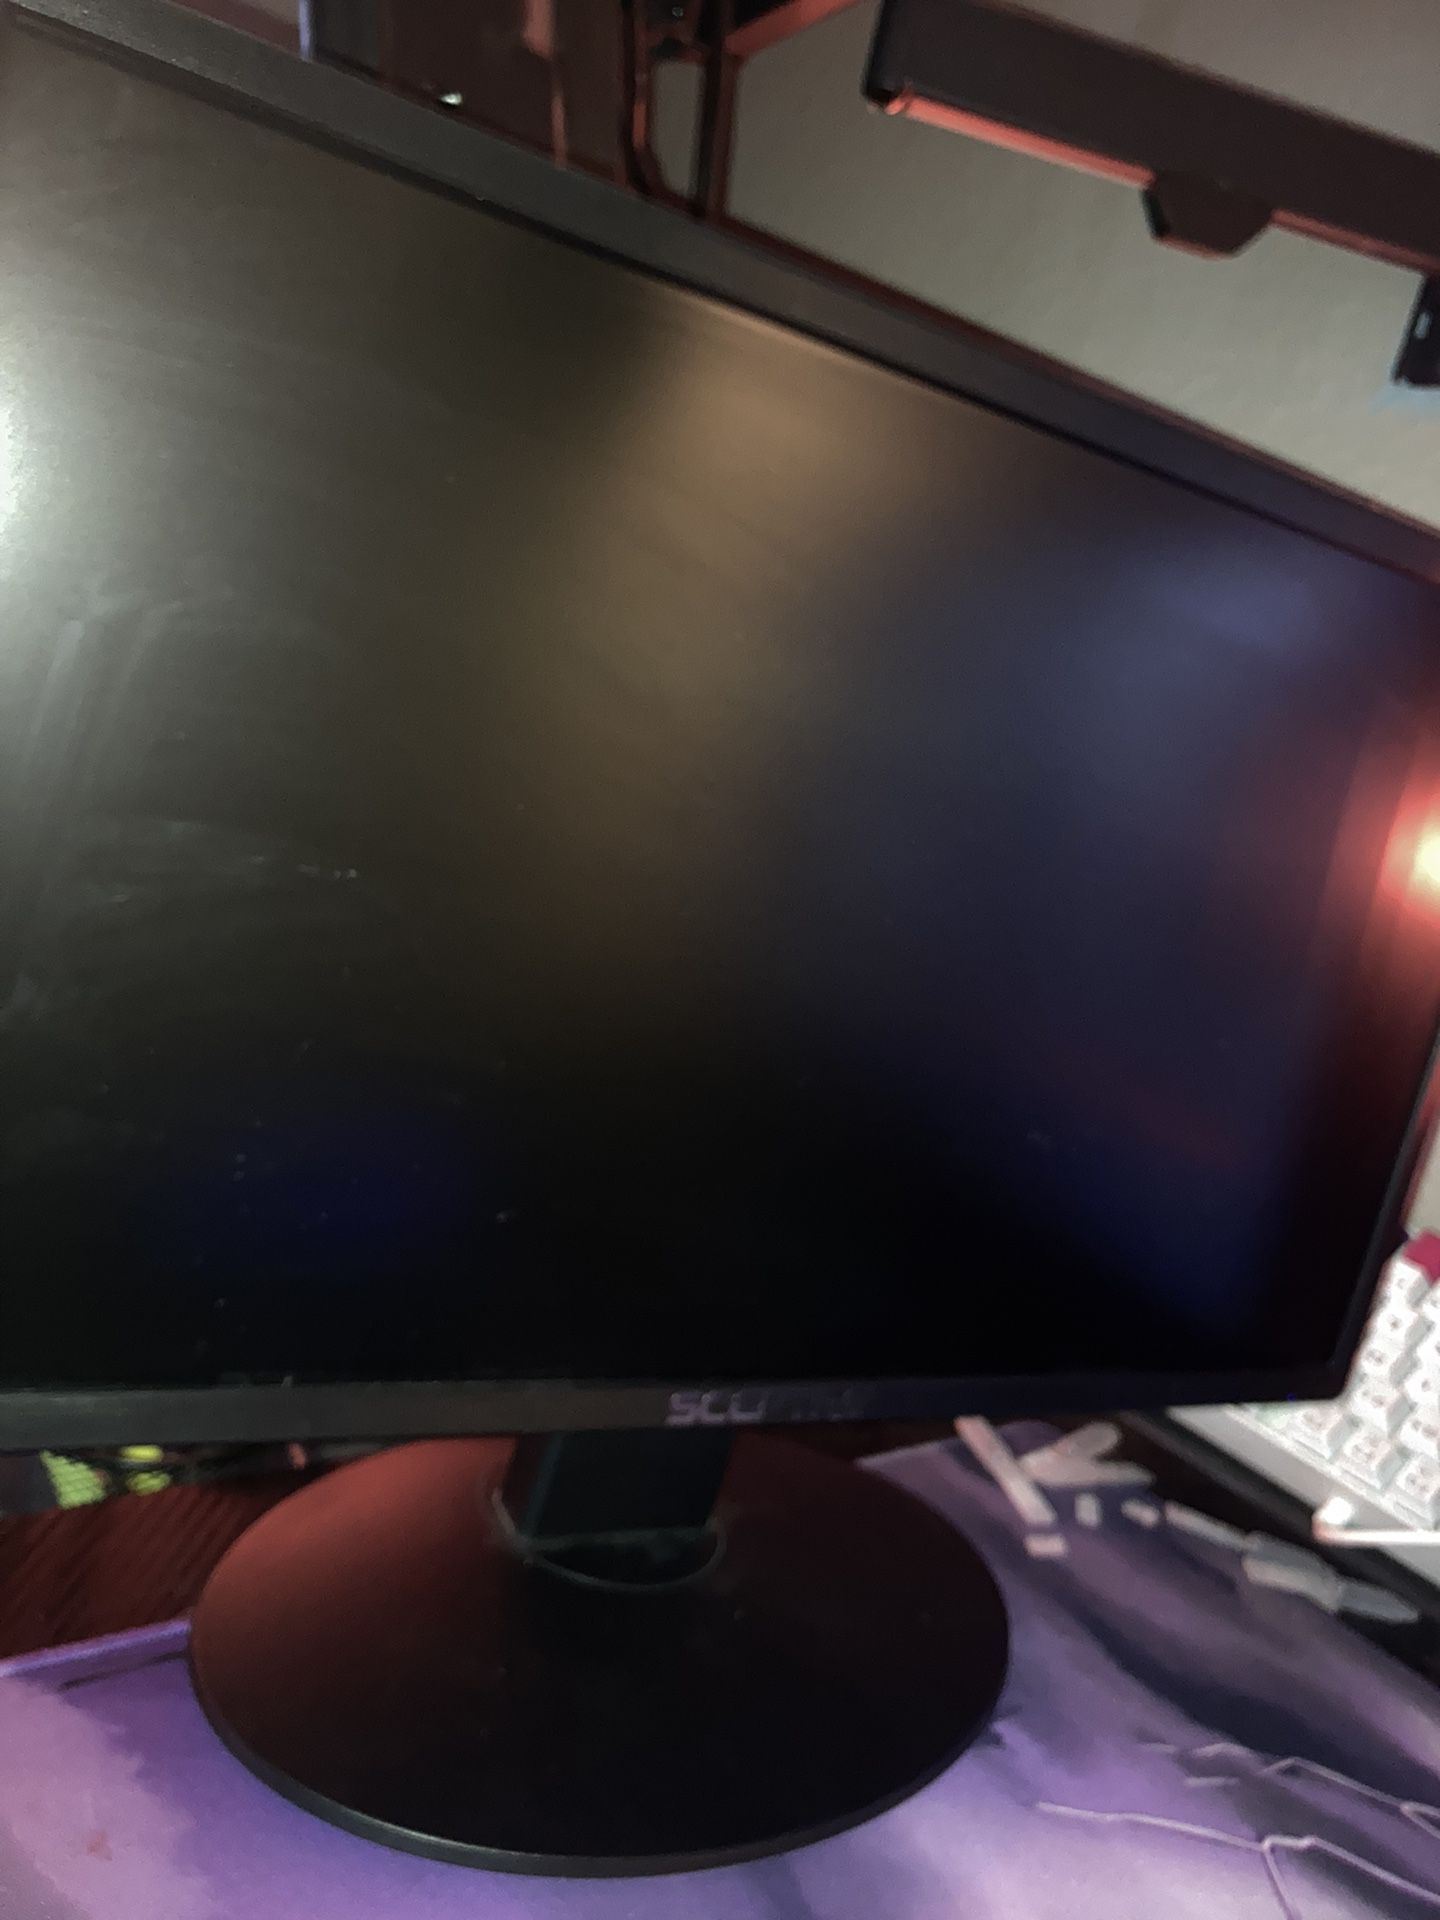 Sceptre Monitor E205W-16003RT 20 Inch